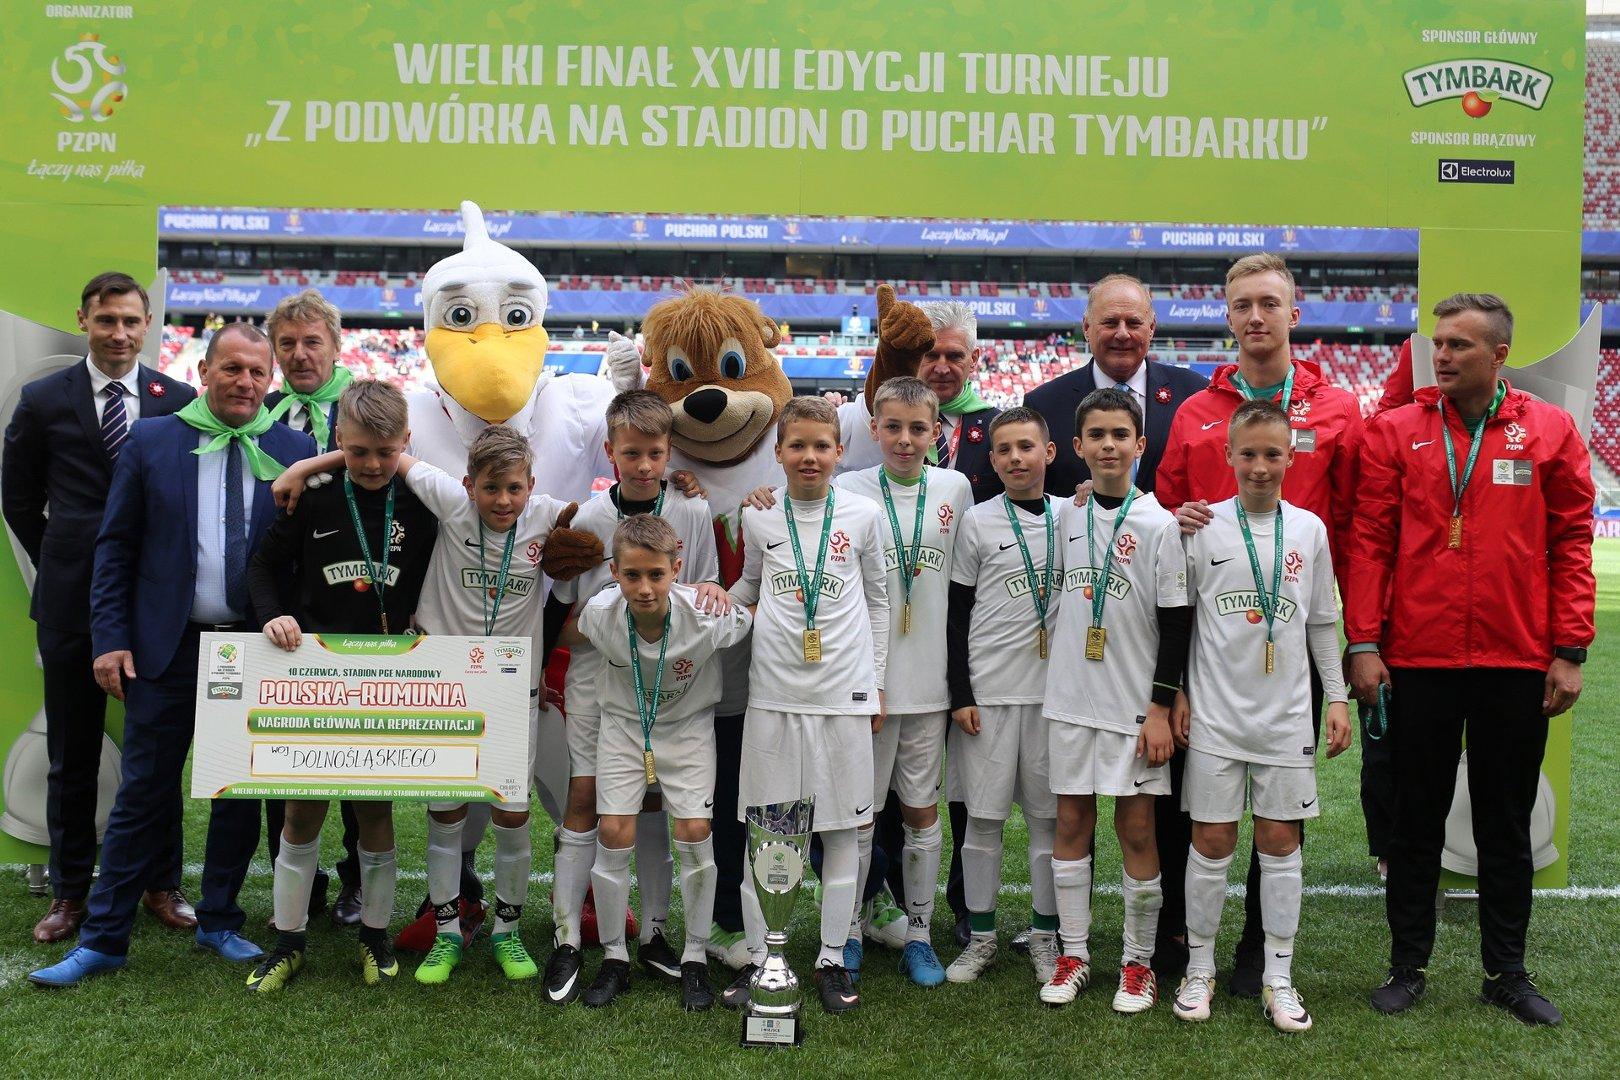 d18640185 SP 45 z Wrocławia wygrała Puchar Tymbarku! | Gazeta Wrocławska